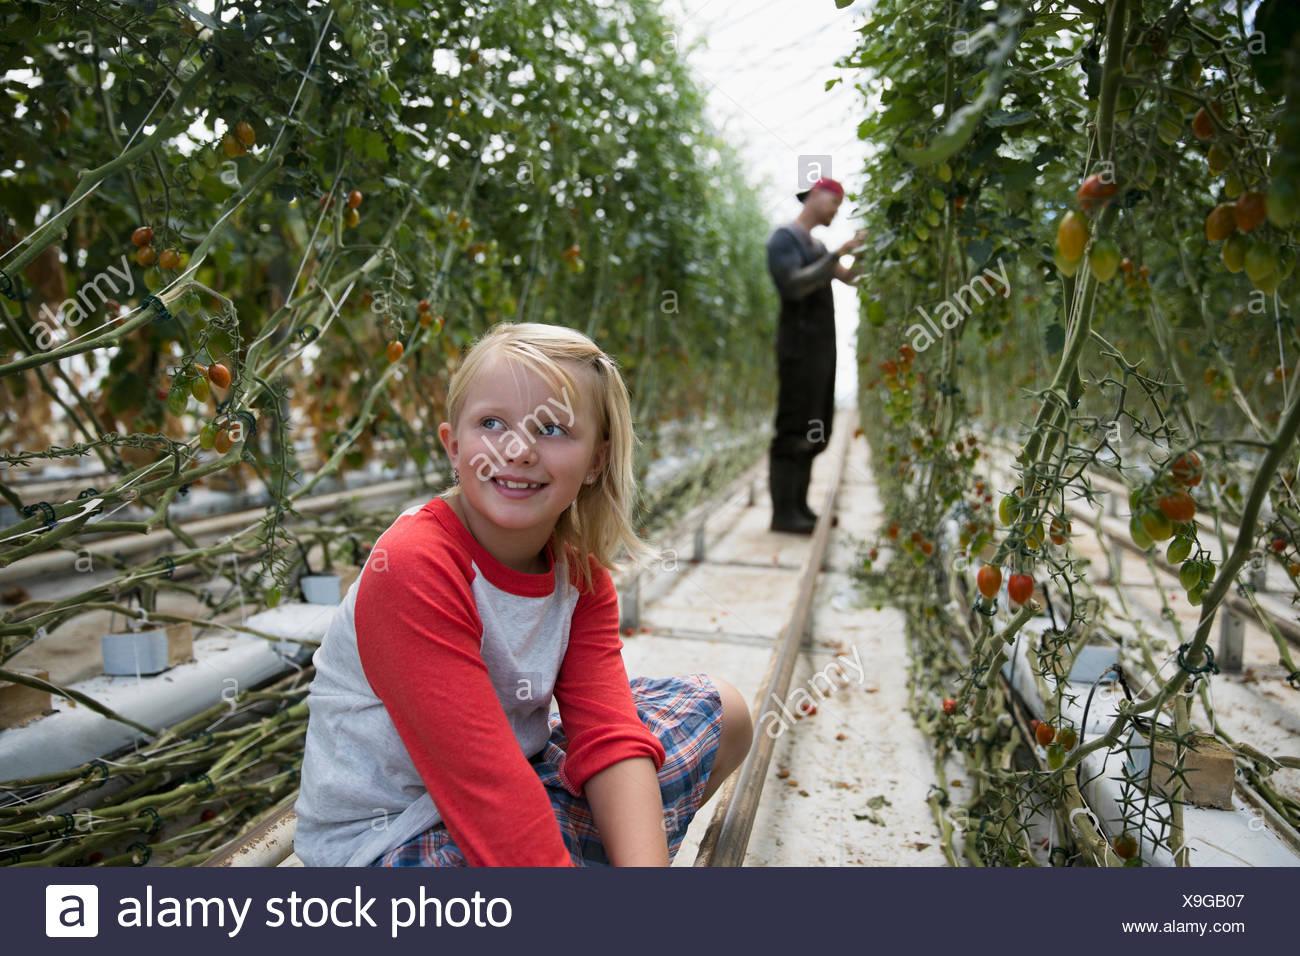 Sorridente ragazza seduta in serra tra crescente di piante di pomodoro Immagini Stock